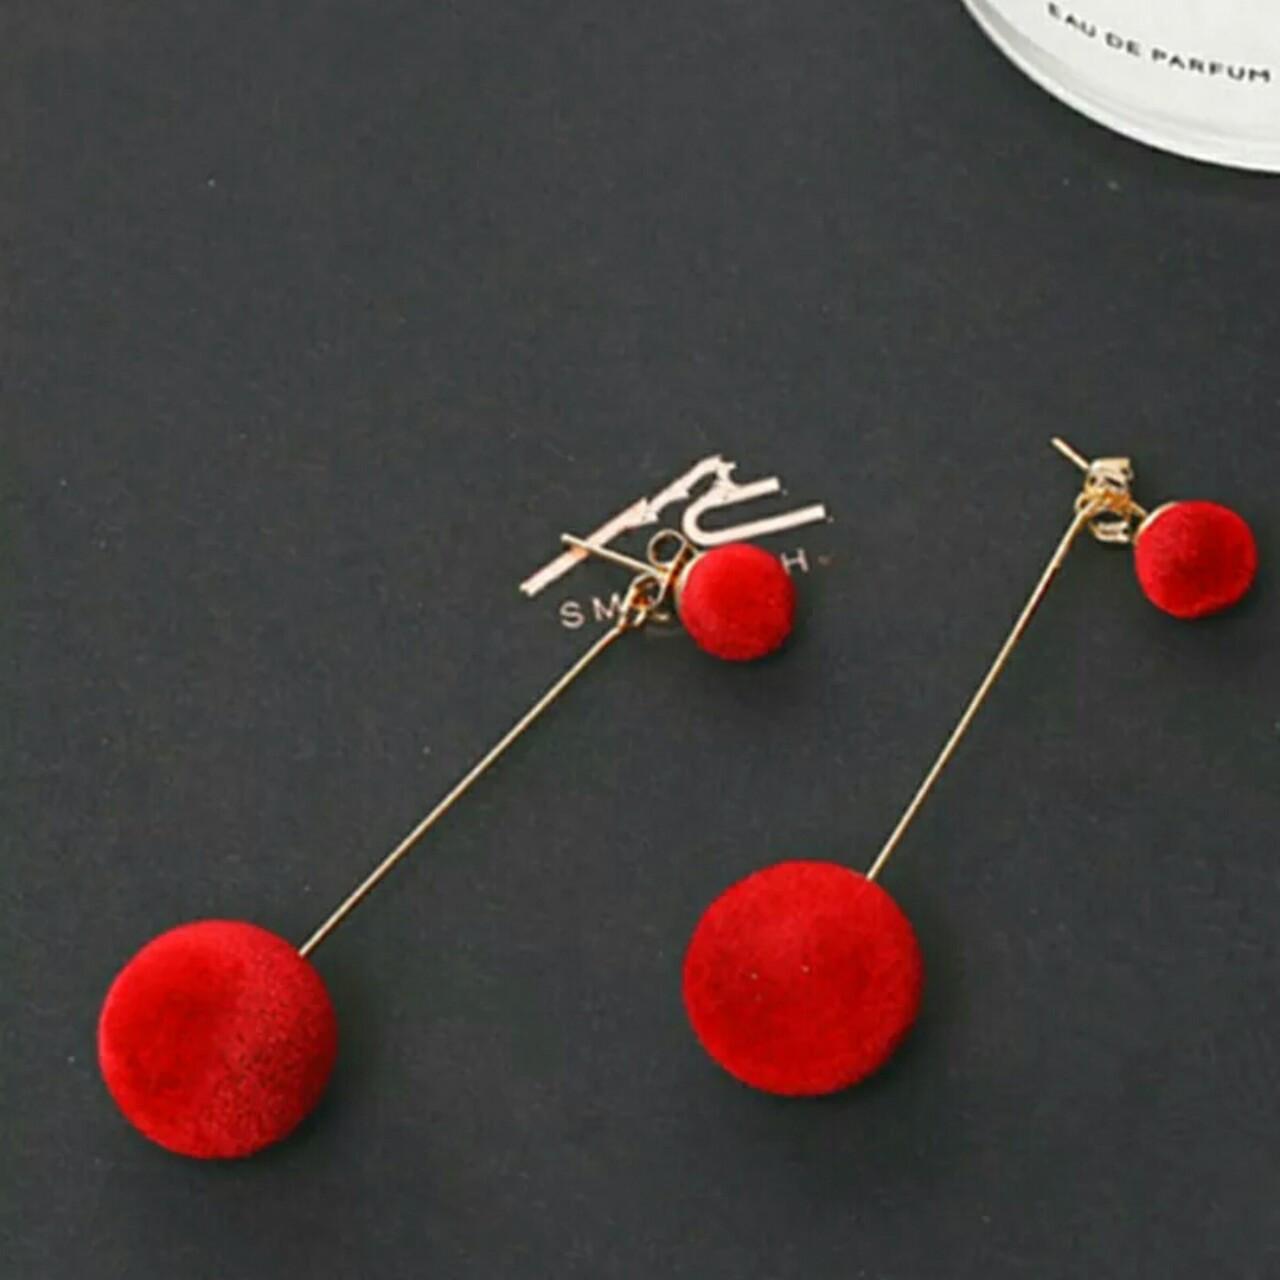 Серьги сережки элегантные двойной шар красные красный цвет жемчужные длинные болтаются матовые